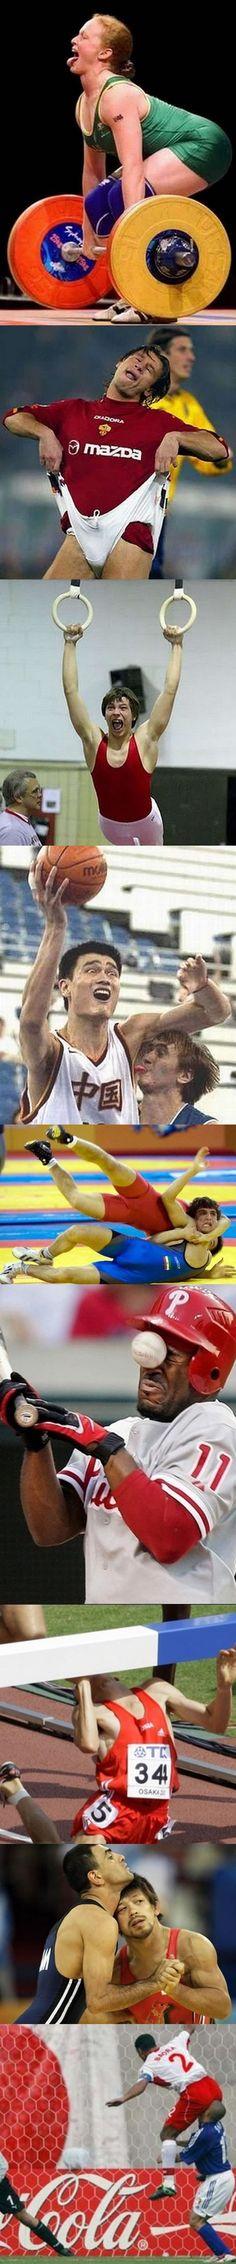 athlete fails